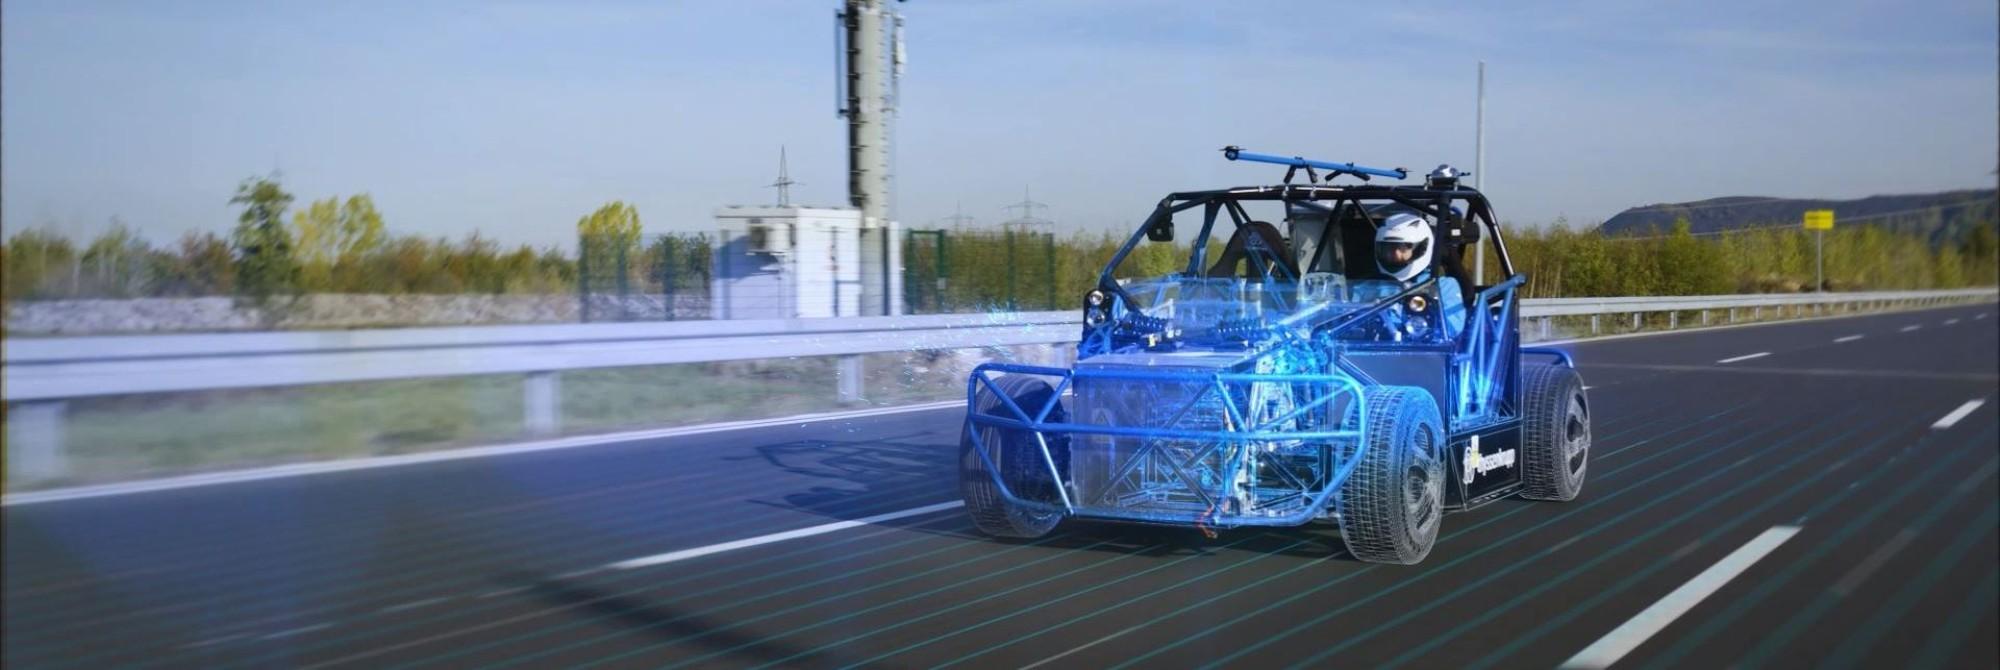 thyssenkrupp autonomous driving